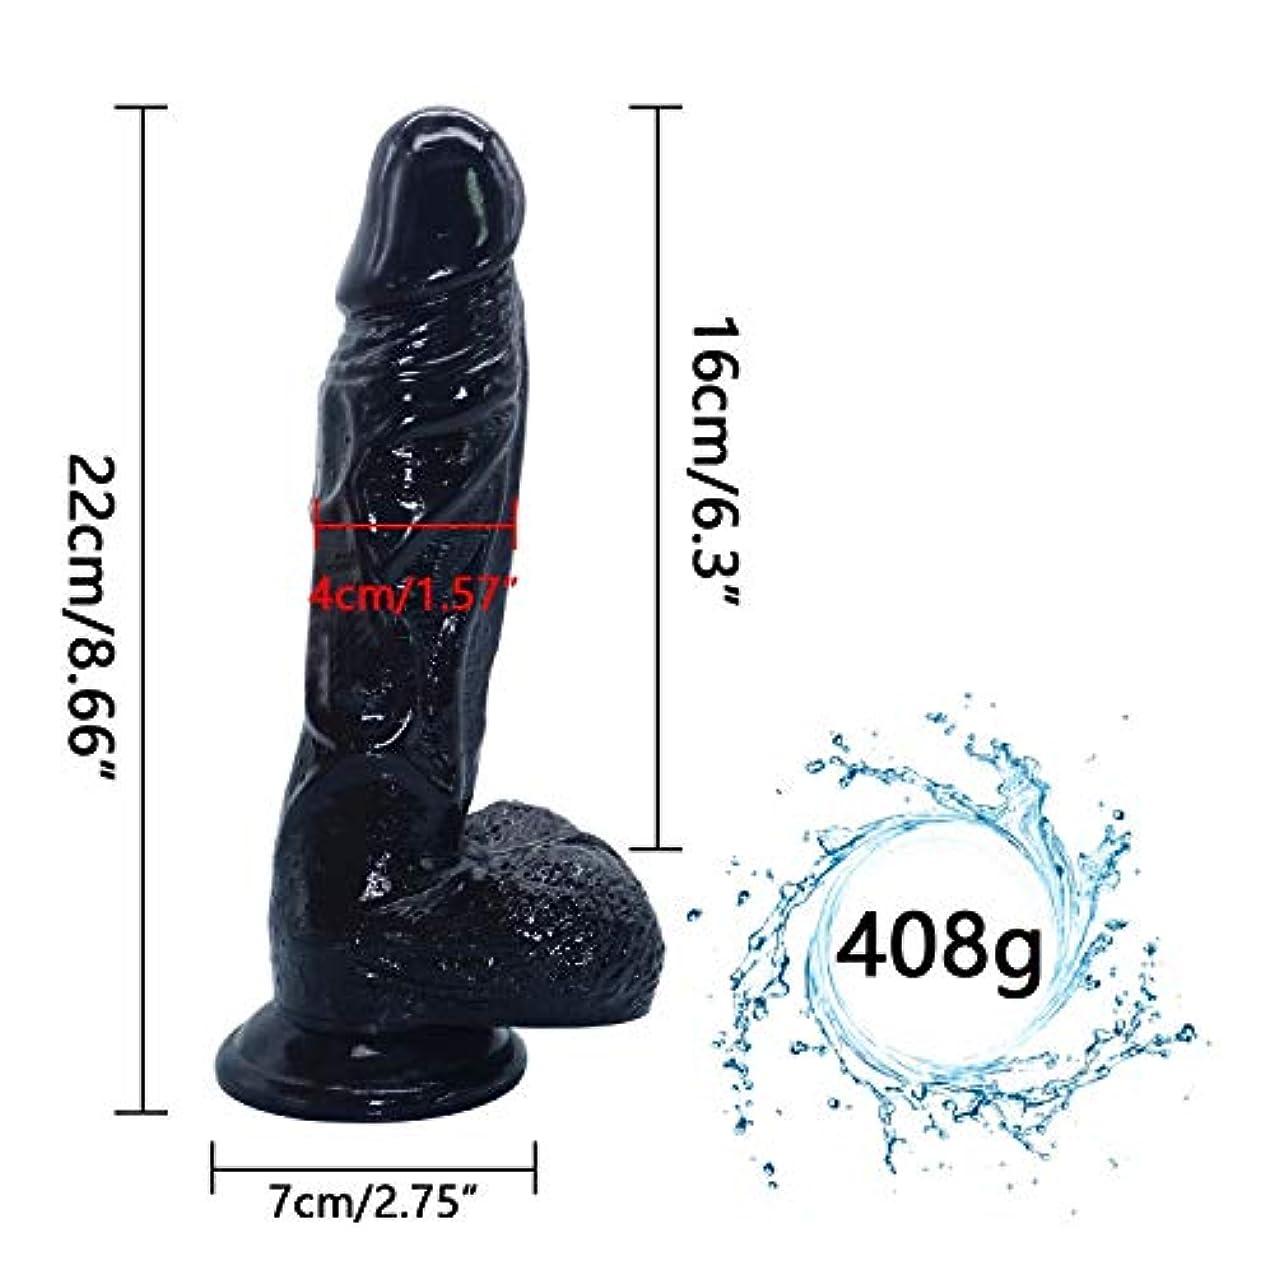 丁寧習慣ひそかにChenXiDian 8.86インチの巨大な親密な初心者現実的な防水黒肉滑らかなテクスチャシャフト????????????ラバーソロプレイBackdoorMassager Veinedスティック柔軟な浸透-抗菌、より優れたStrongSuctionCup 本当の感触